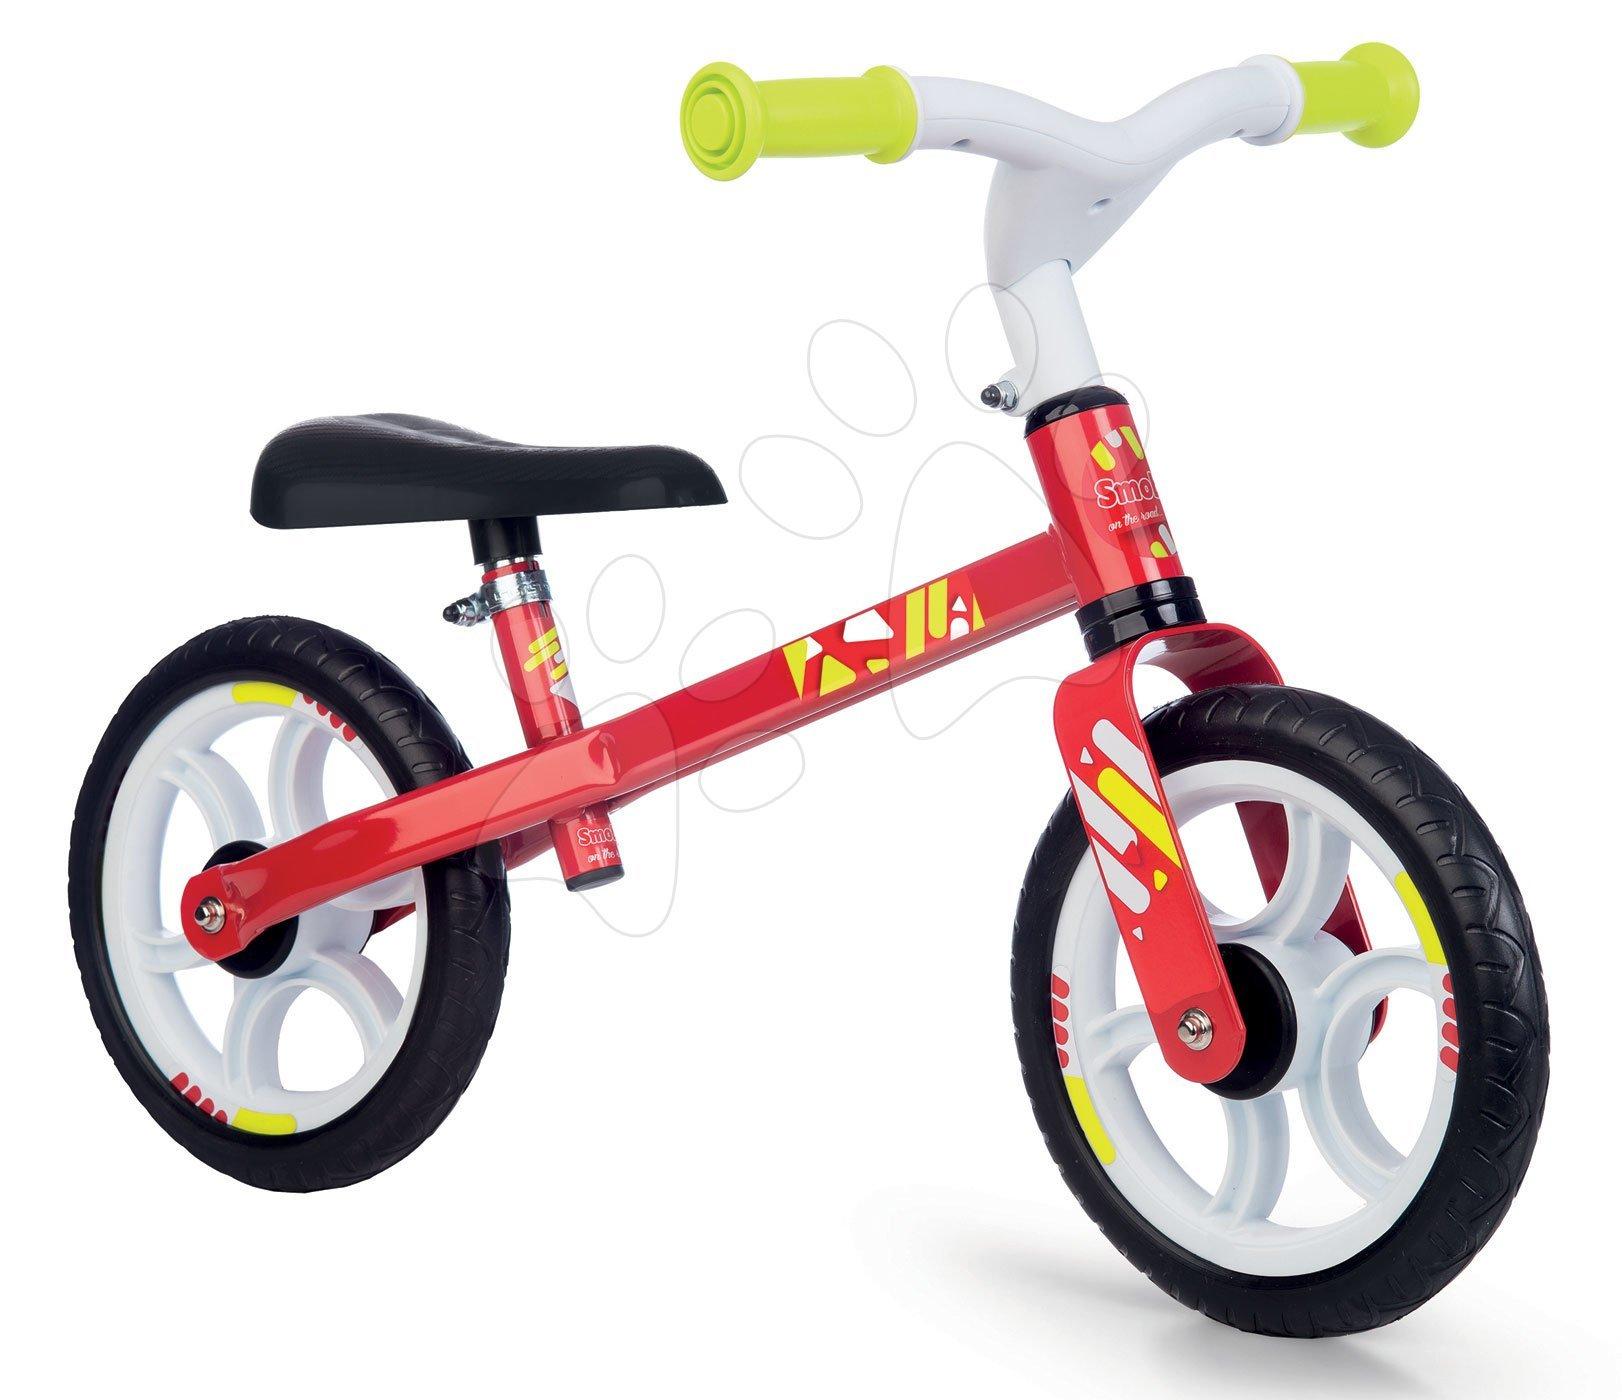 Bicicletă educativă First Bike Red Smoby cu structură metalică şi scaun reglabil de la 24 luni